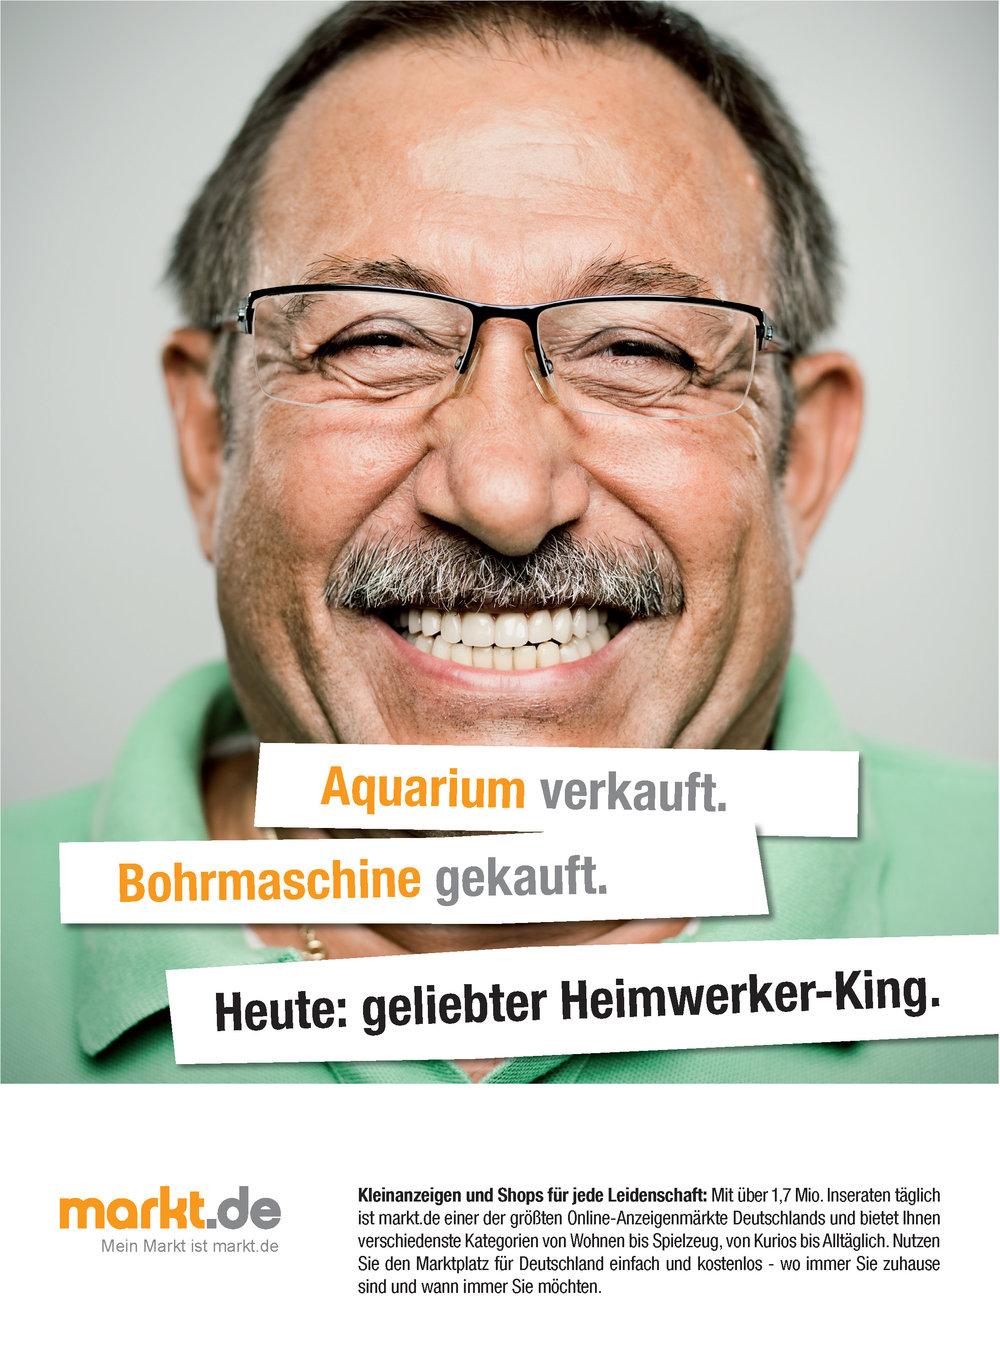 Anzeige markt.de - Heimwerker-King